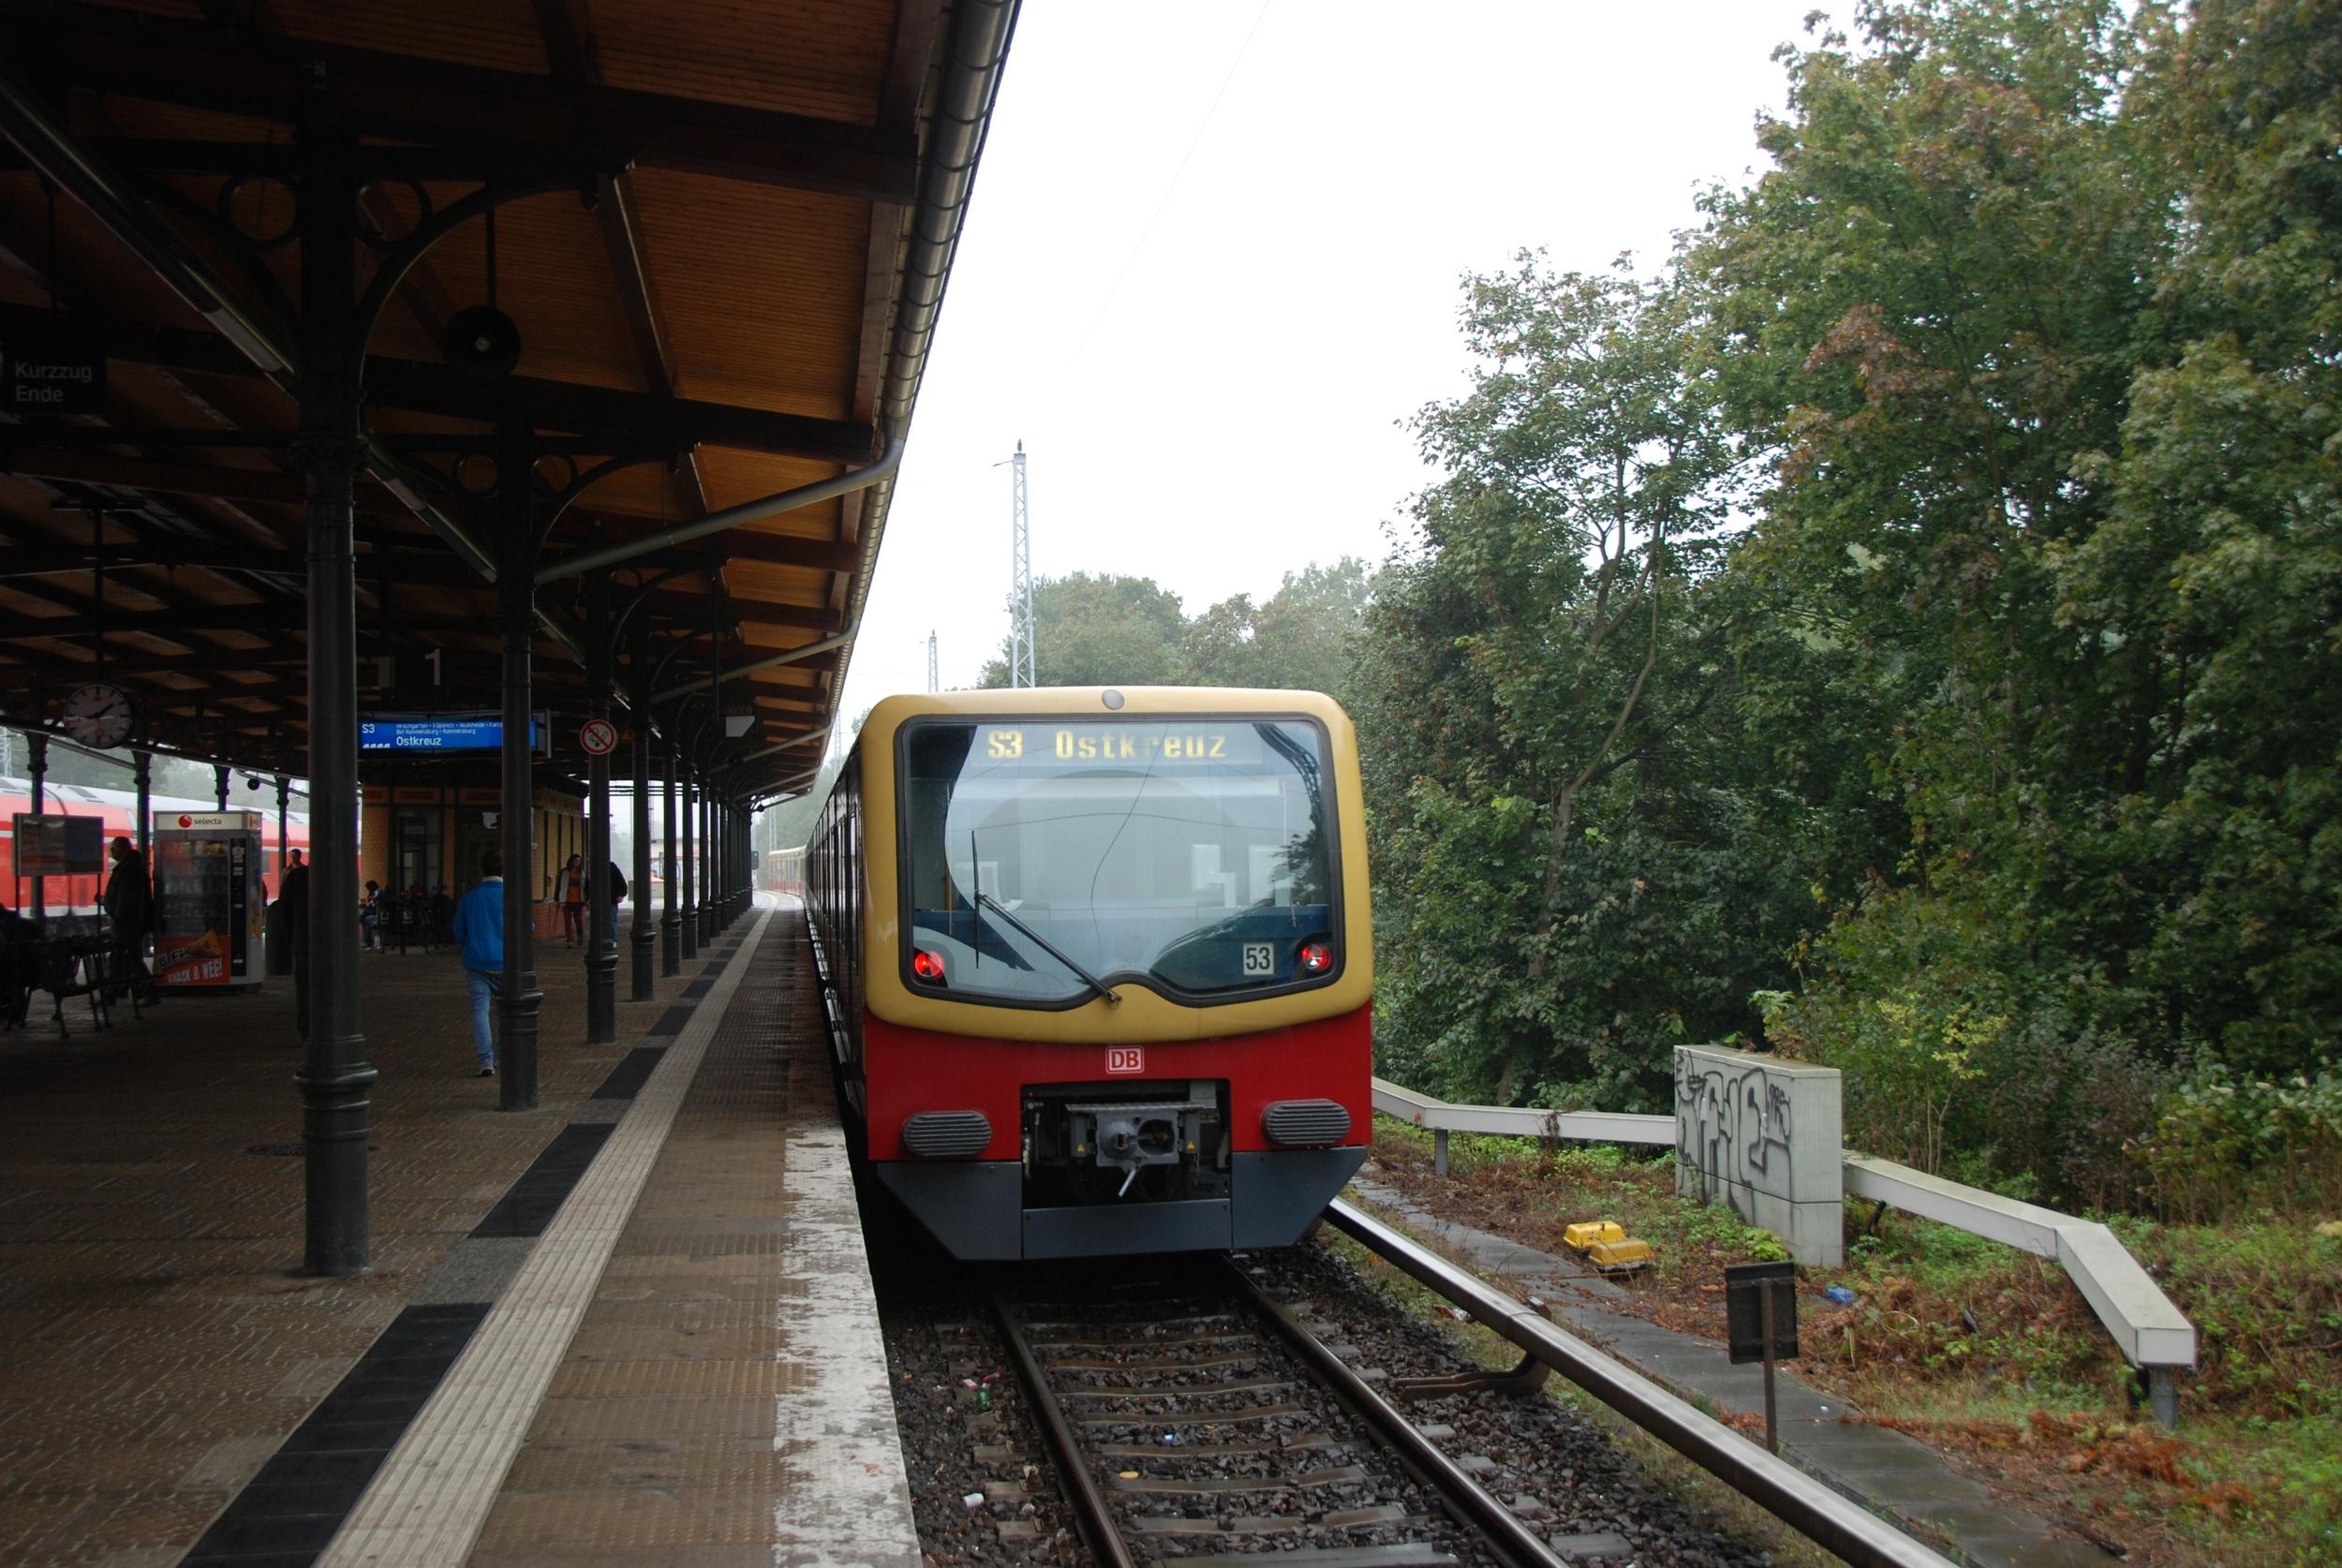 Doposud jsou nejmladšími jednotkami berlínského S-Bahnu soupravy řady 481 z let 1996-2004. (foto: Libor Hinčica)